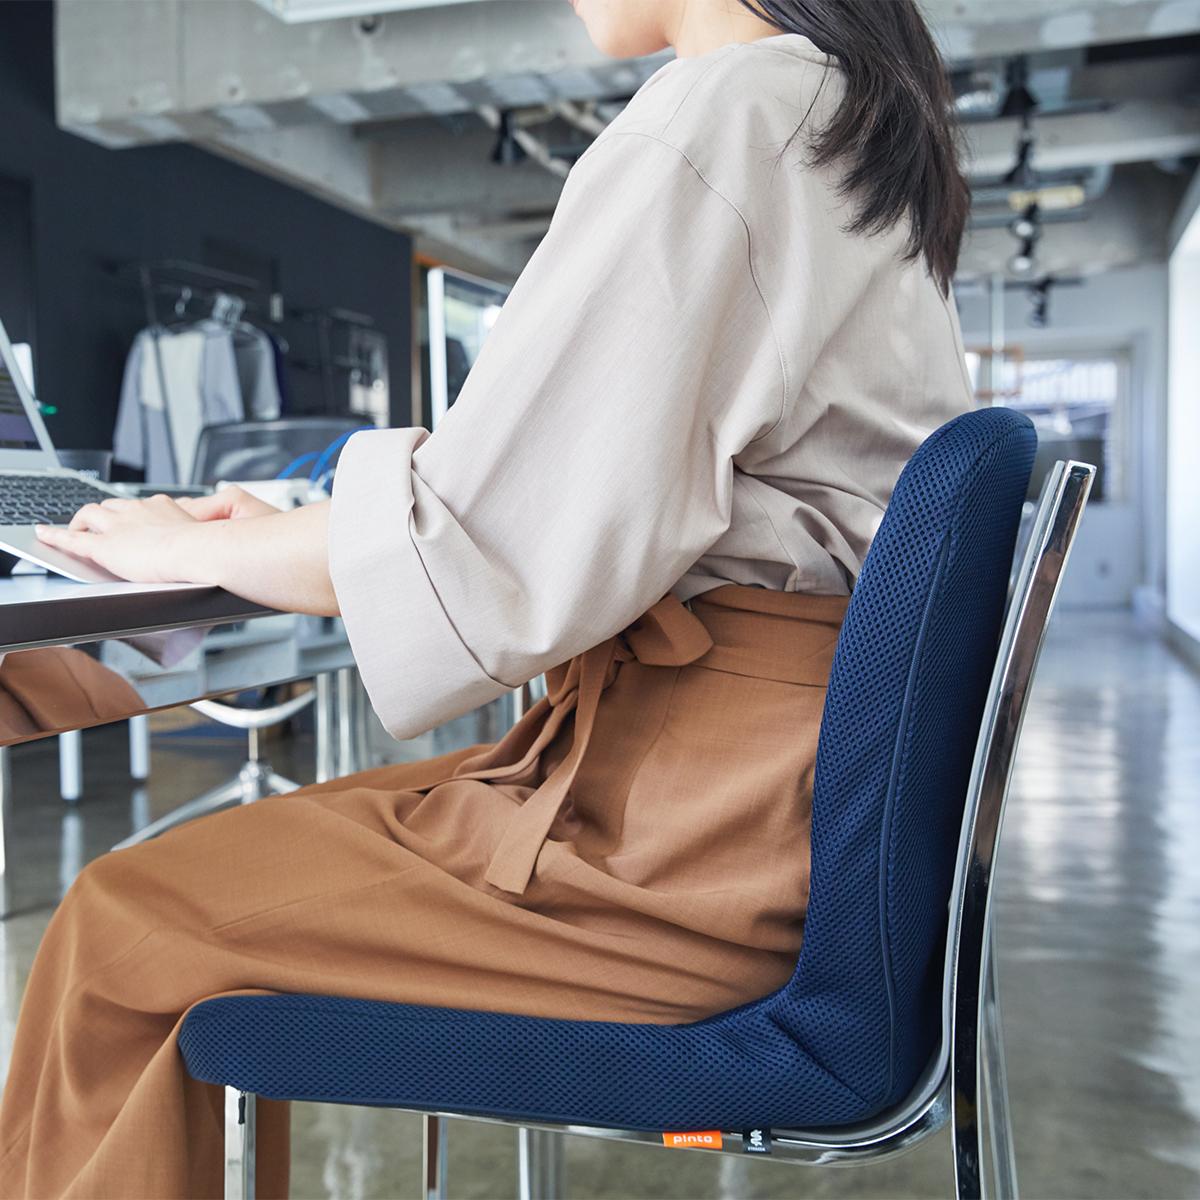 家中どのイスもラクな座り心地に。驚くほど腰がラクなのに、正しい姿勢が習慣化する「チェアシート(椅子クッション)」|P!nto